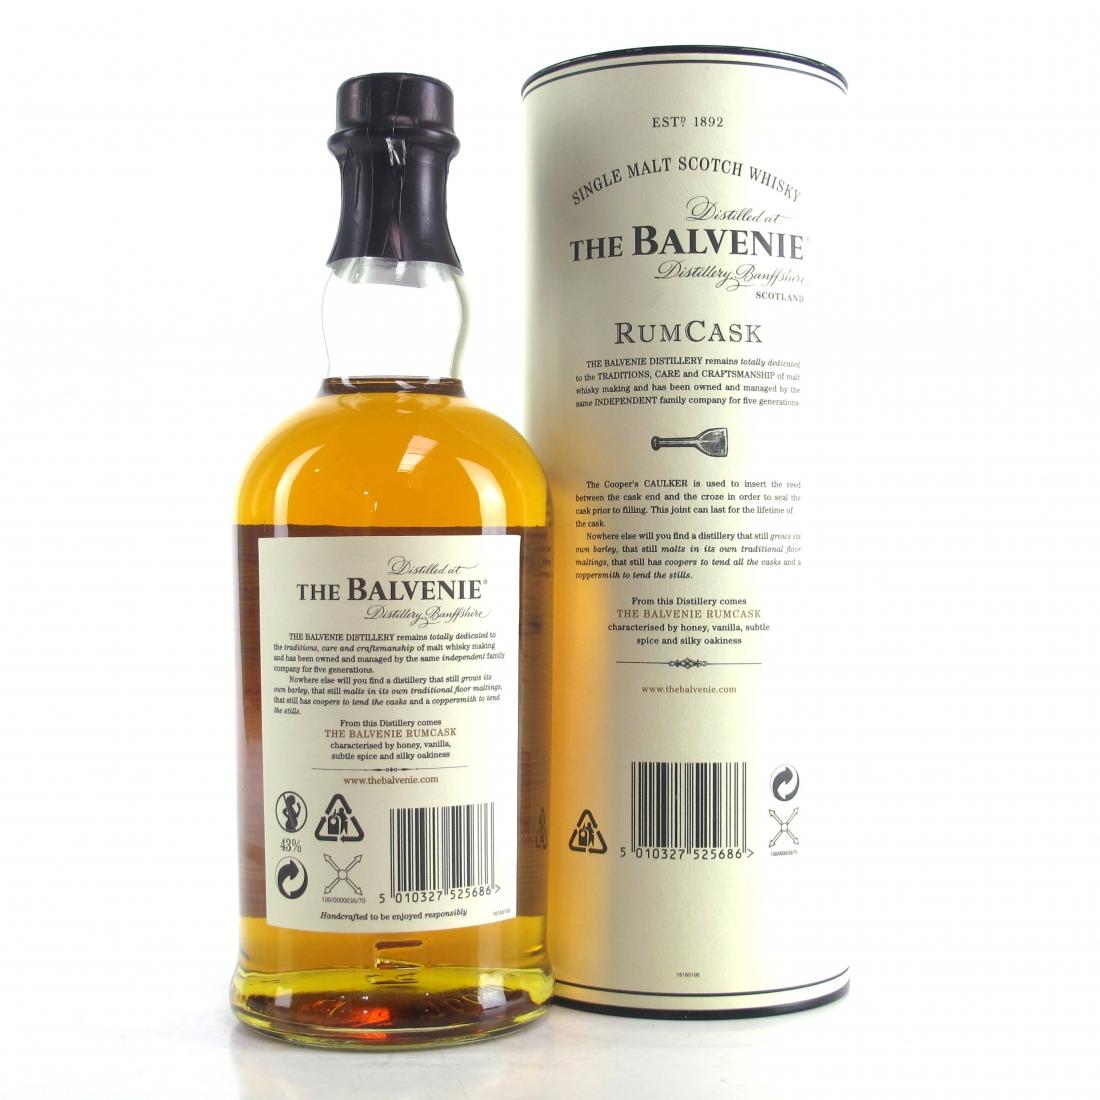 Balvenie 17 Year Old Rum Cask / First Edition